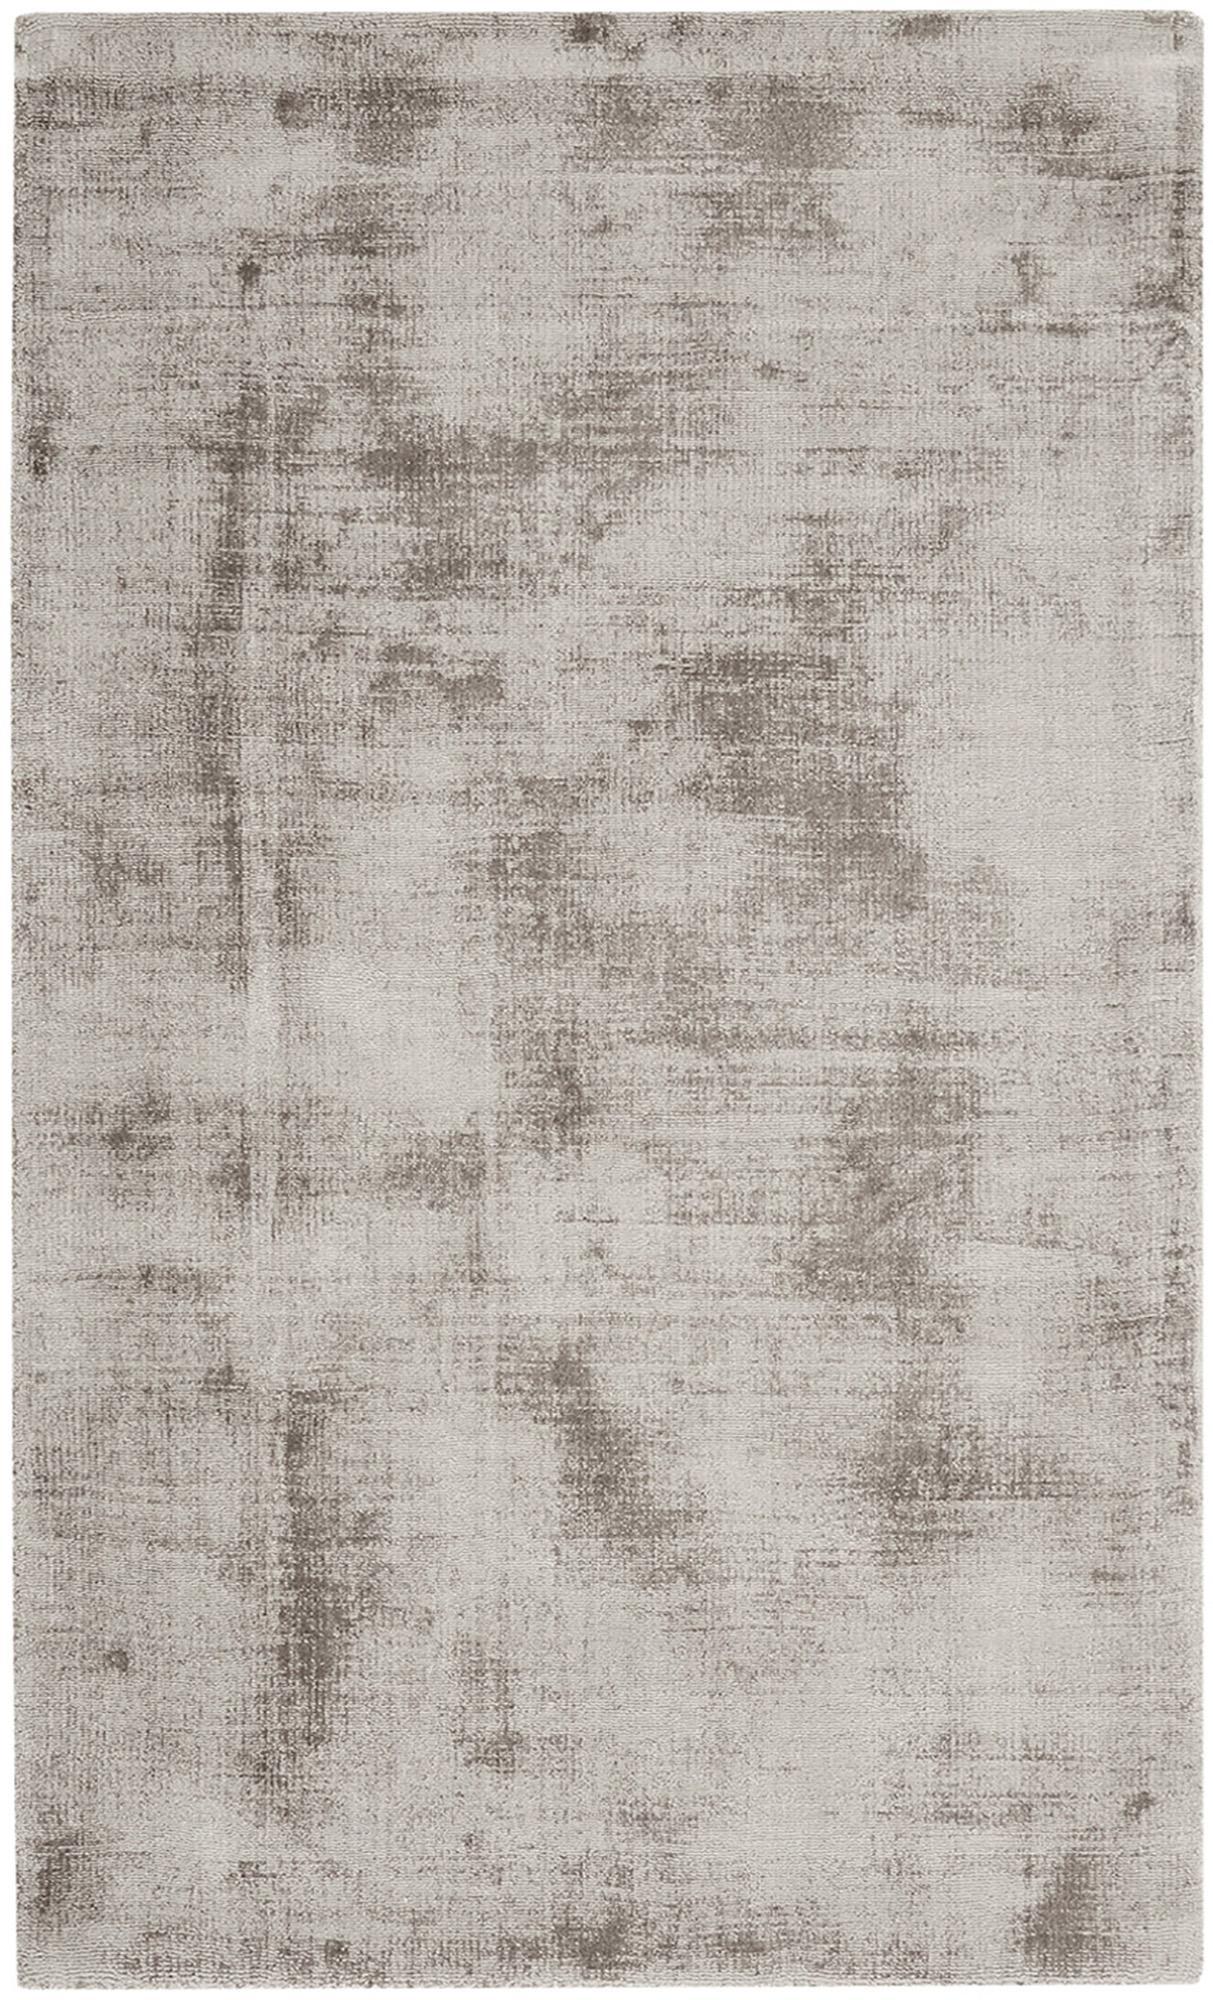 Handgewebter Viskoseteppich Jane in Taupe, Flor: 100% Viskose, Taupe, B 90 x L 150 cm (Größe XS)